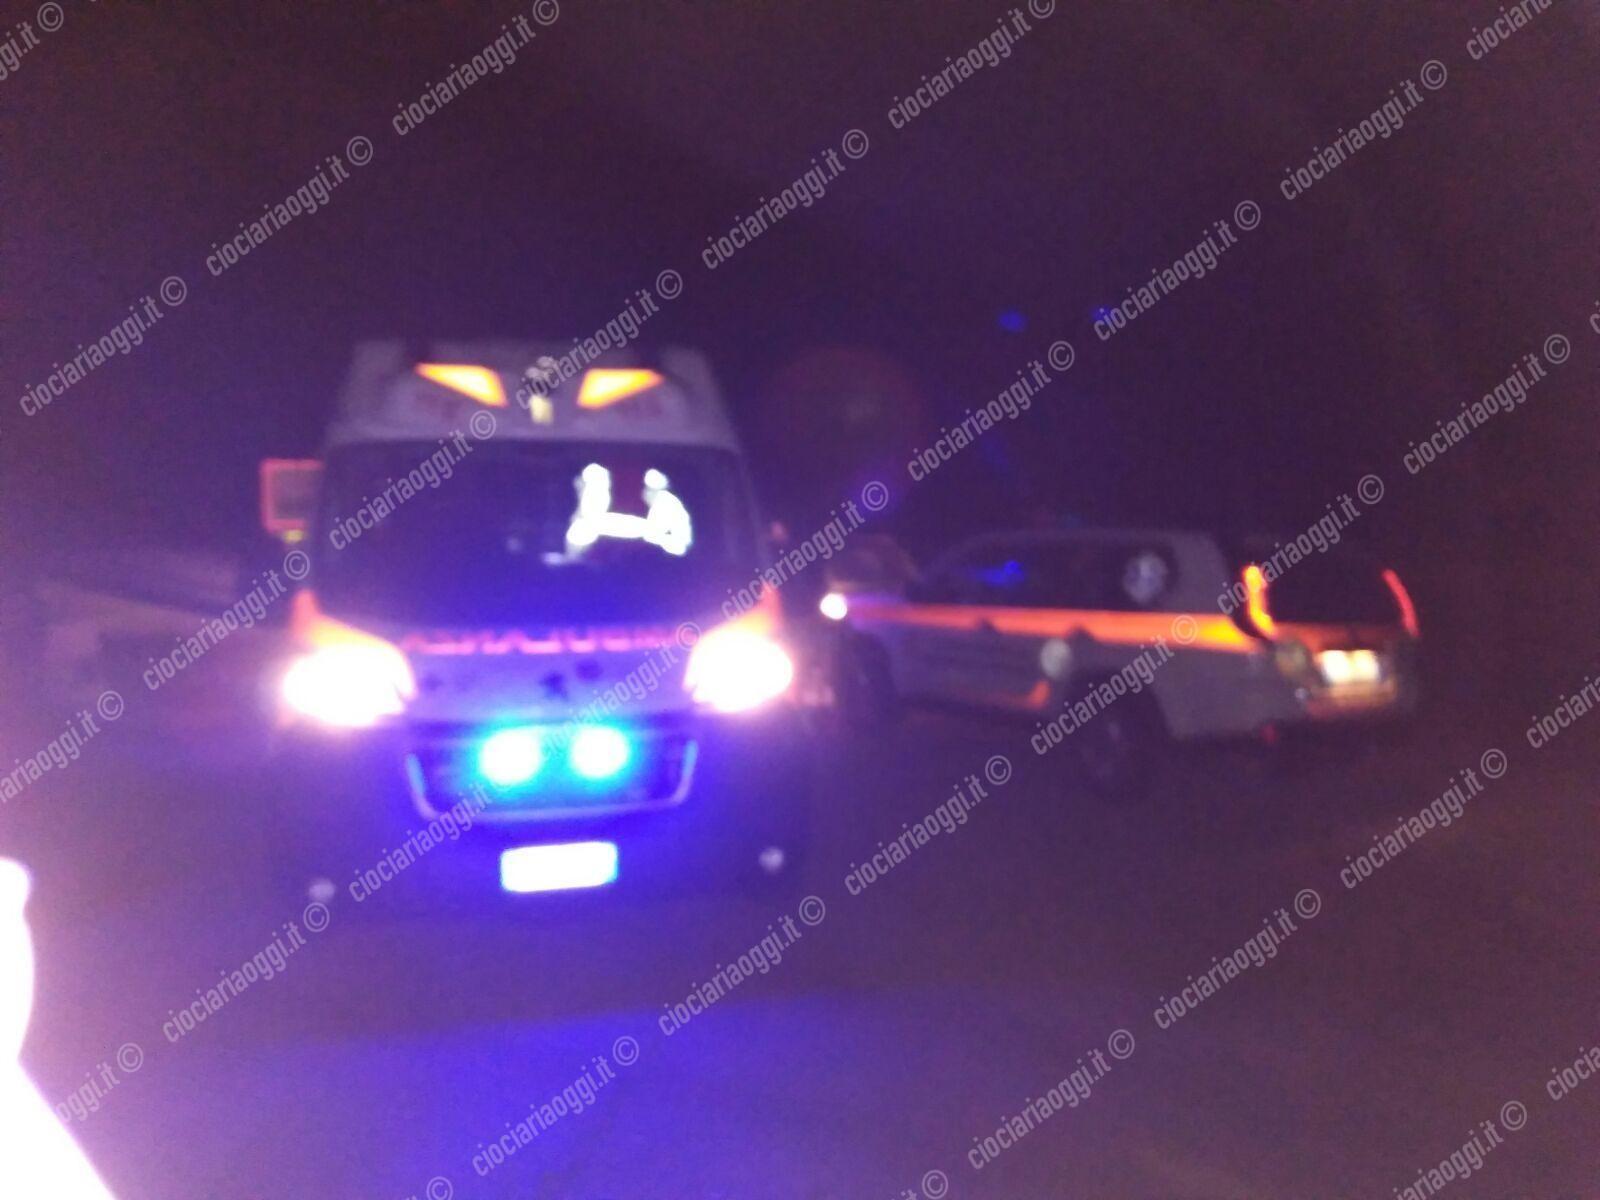 Prostituta di Nettuno trovata morta in strada a Prossedi: indagano i carabinieri